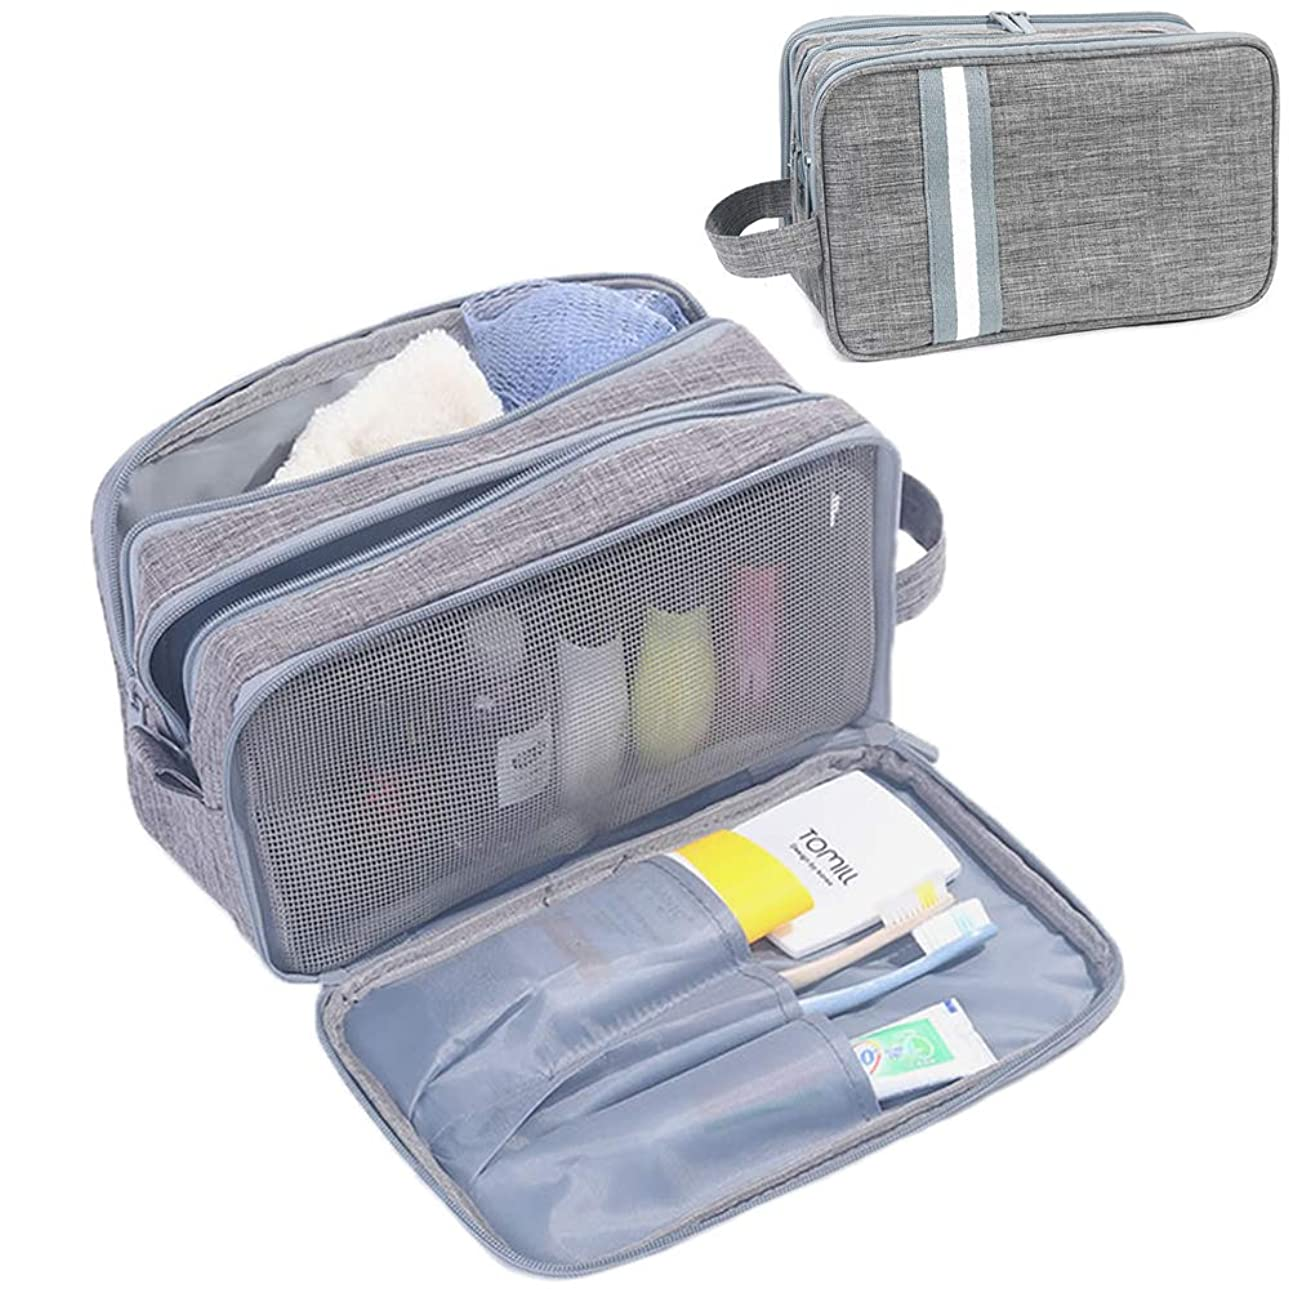 バッグまたね崩壊化粧ポーチ トラベルポーチ ウォッシュバッグ 旅行用収納バッグ 旅行グッズ 化粧品バッグ 乾湿両用大容量ハンドバッグ 出張 海外 旅行 男女兼用